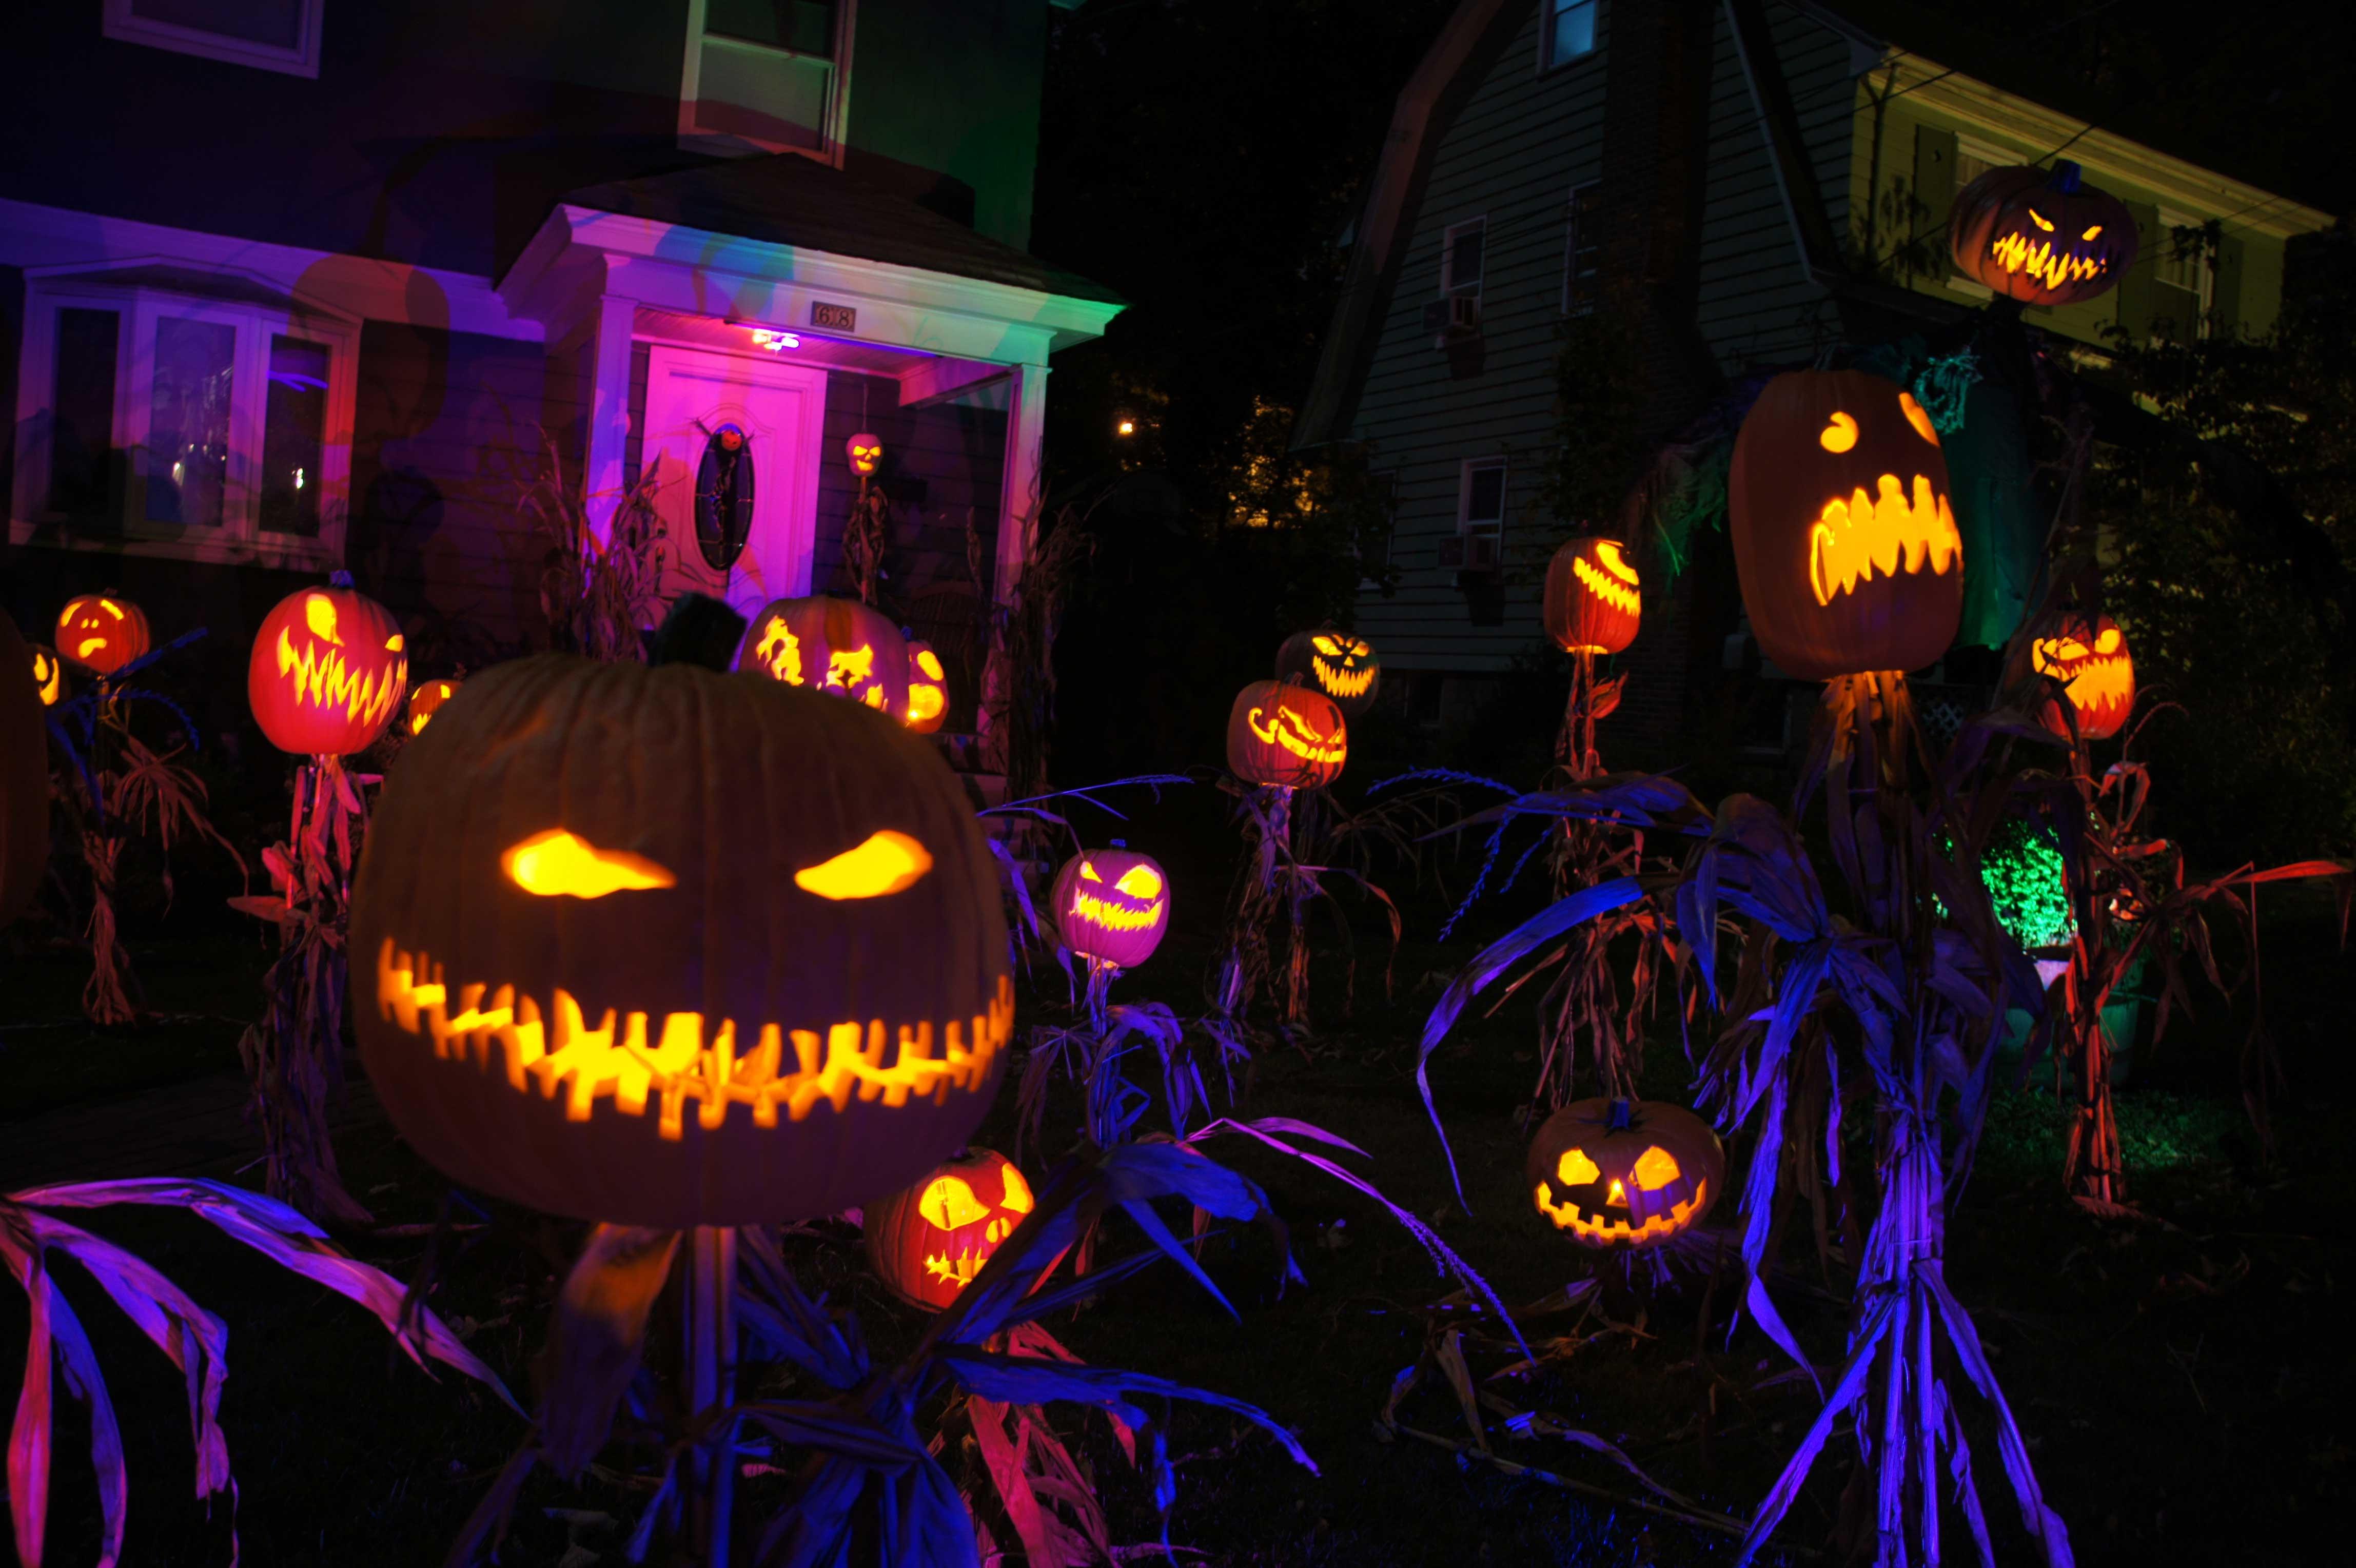 Must see Wallpaper Halloween Light - halloween-4592x3056-all-hallows-eve-all-saints-eve-pumpkin-fear-cap-994  Trends_92669.jpg